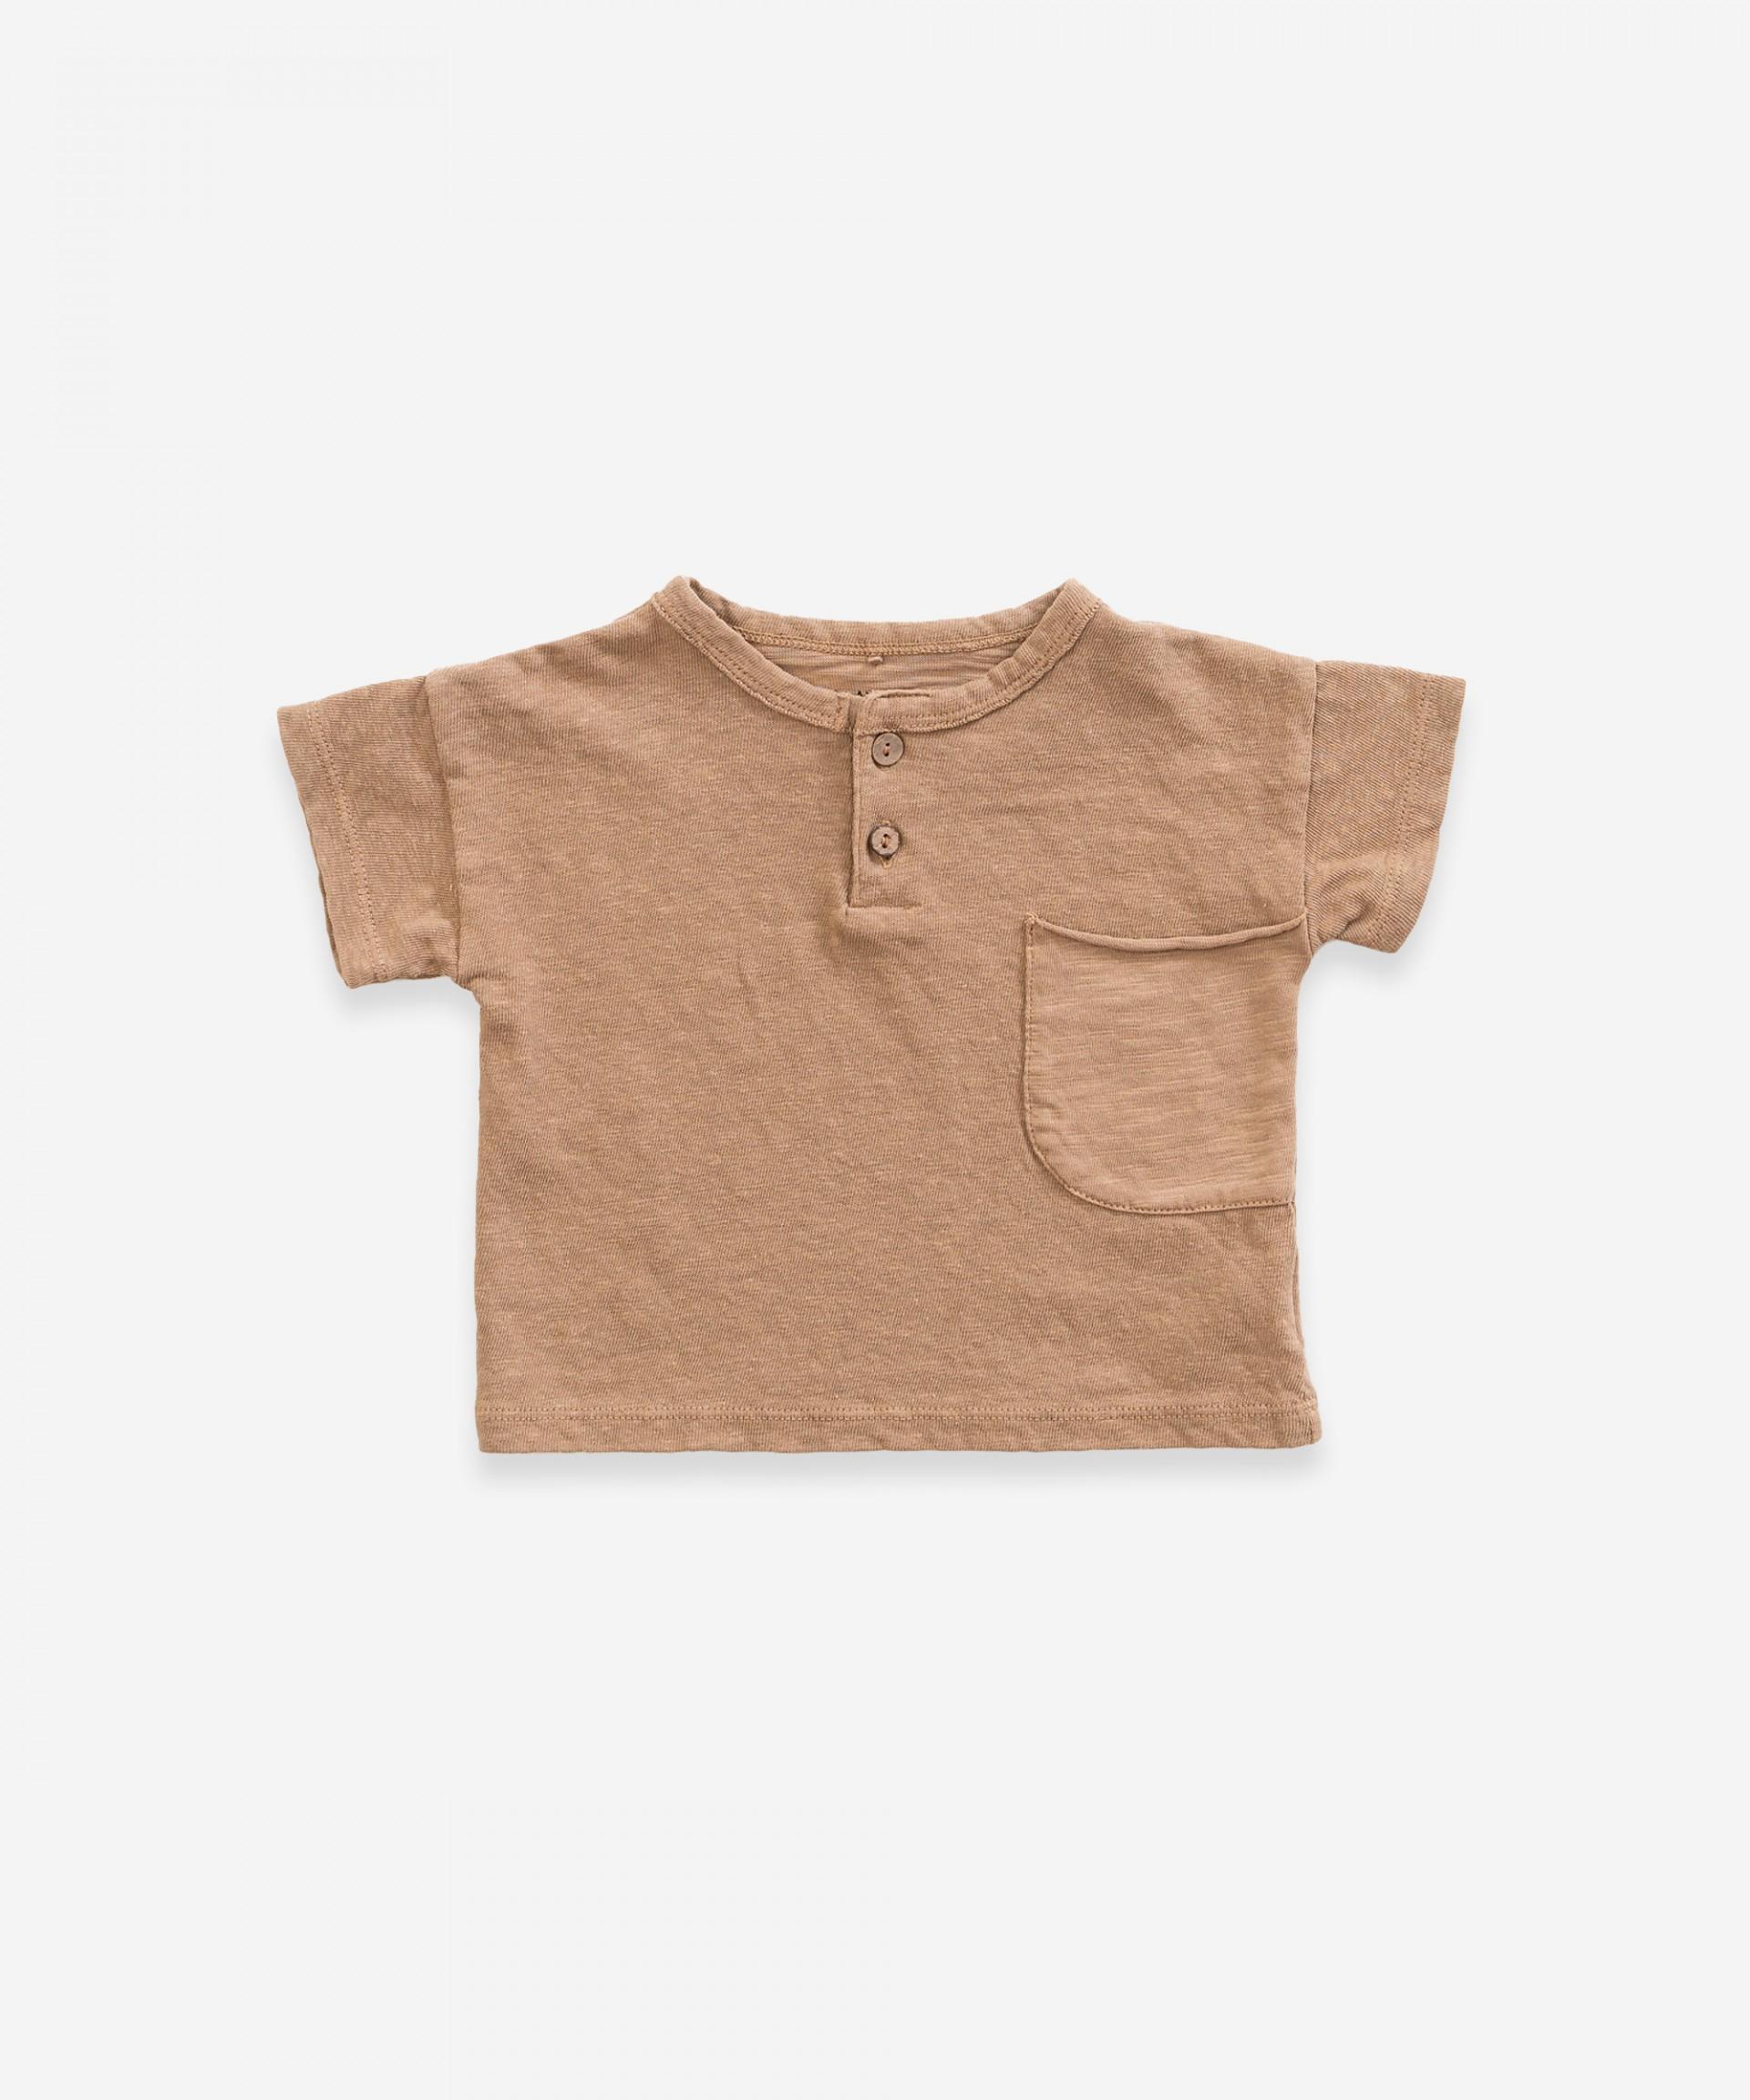 T-shirt em algodão-linho com dois botões | Weaving